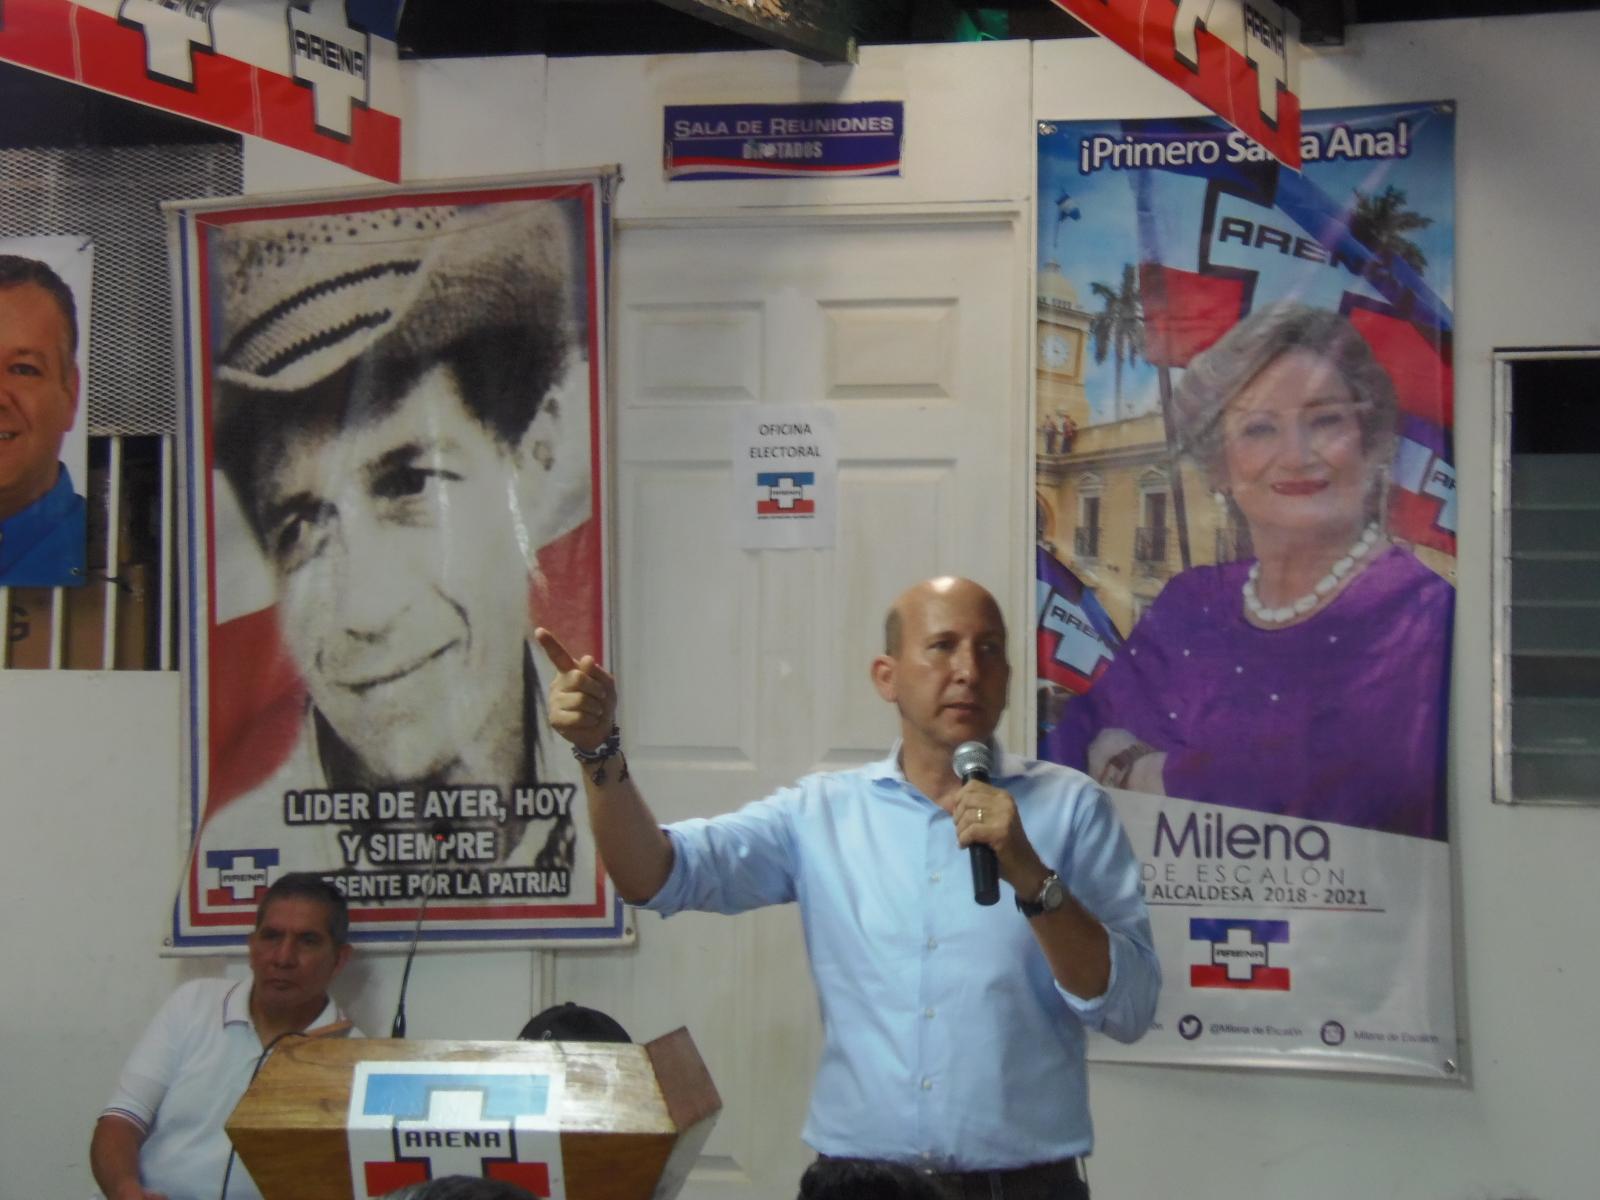 Javier Siman, ofrece su apoyo a los candidatos a diputados y alcaldes por el partido ARENA